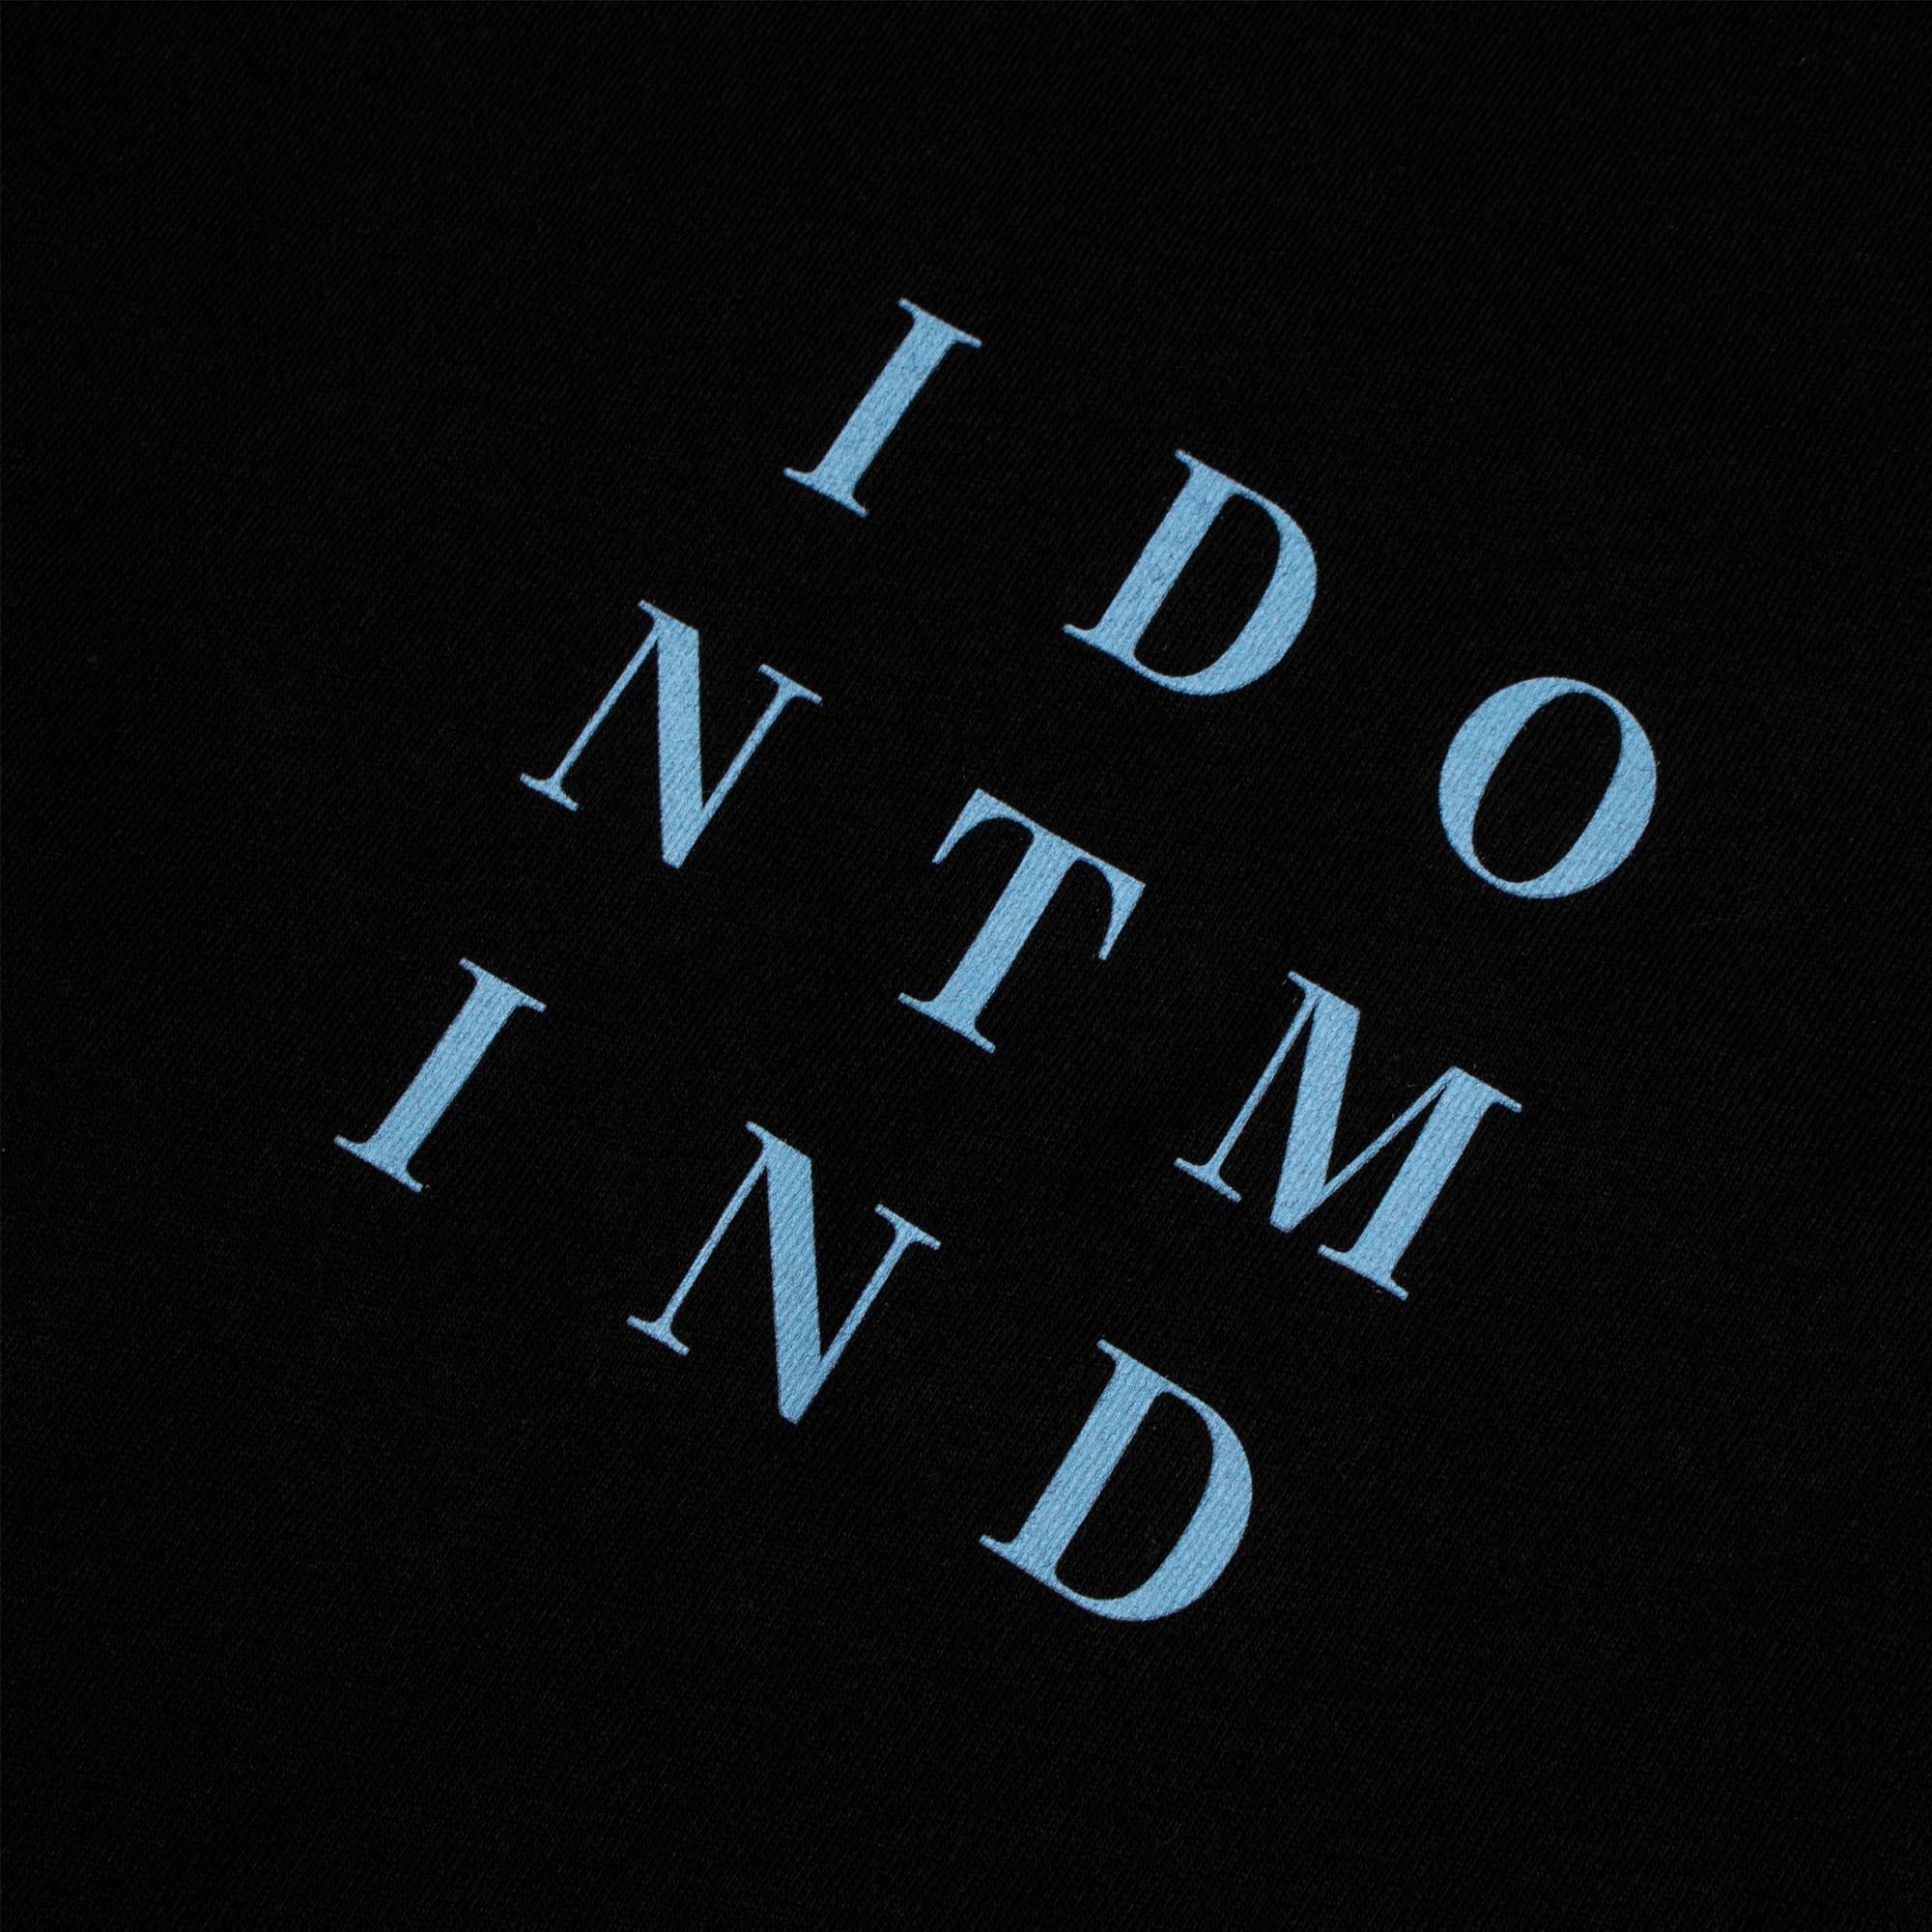 IDONTMIND-Surf-Tee-Detail.jpg